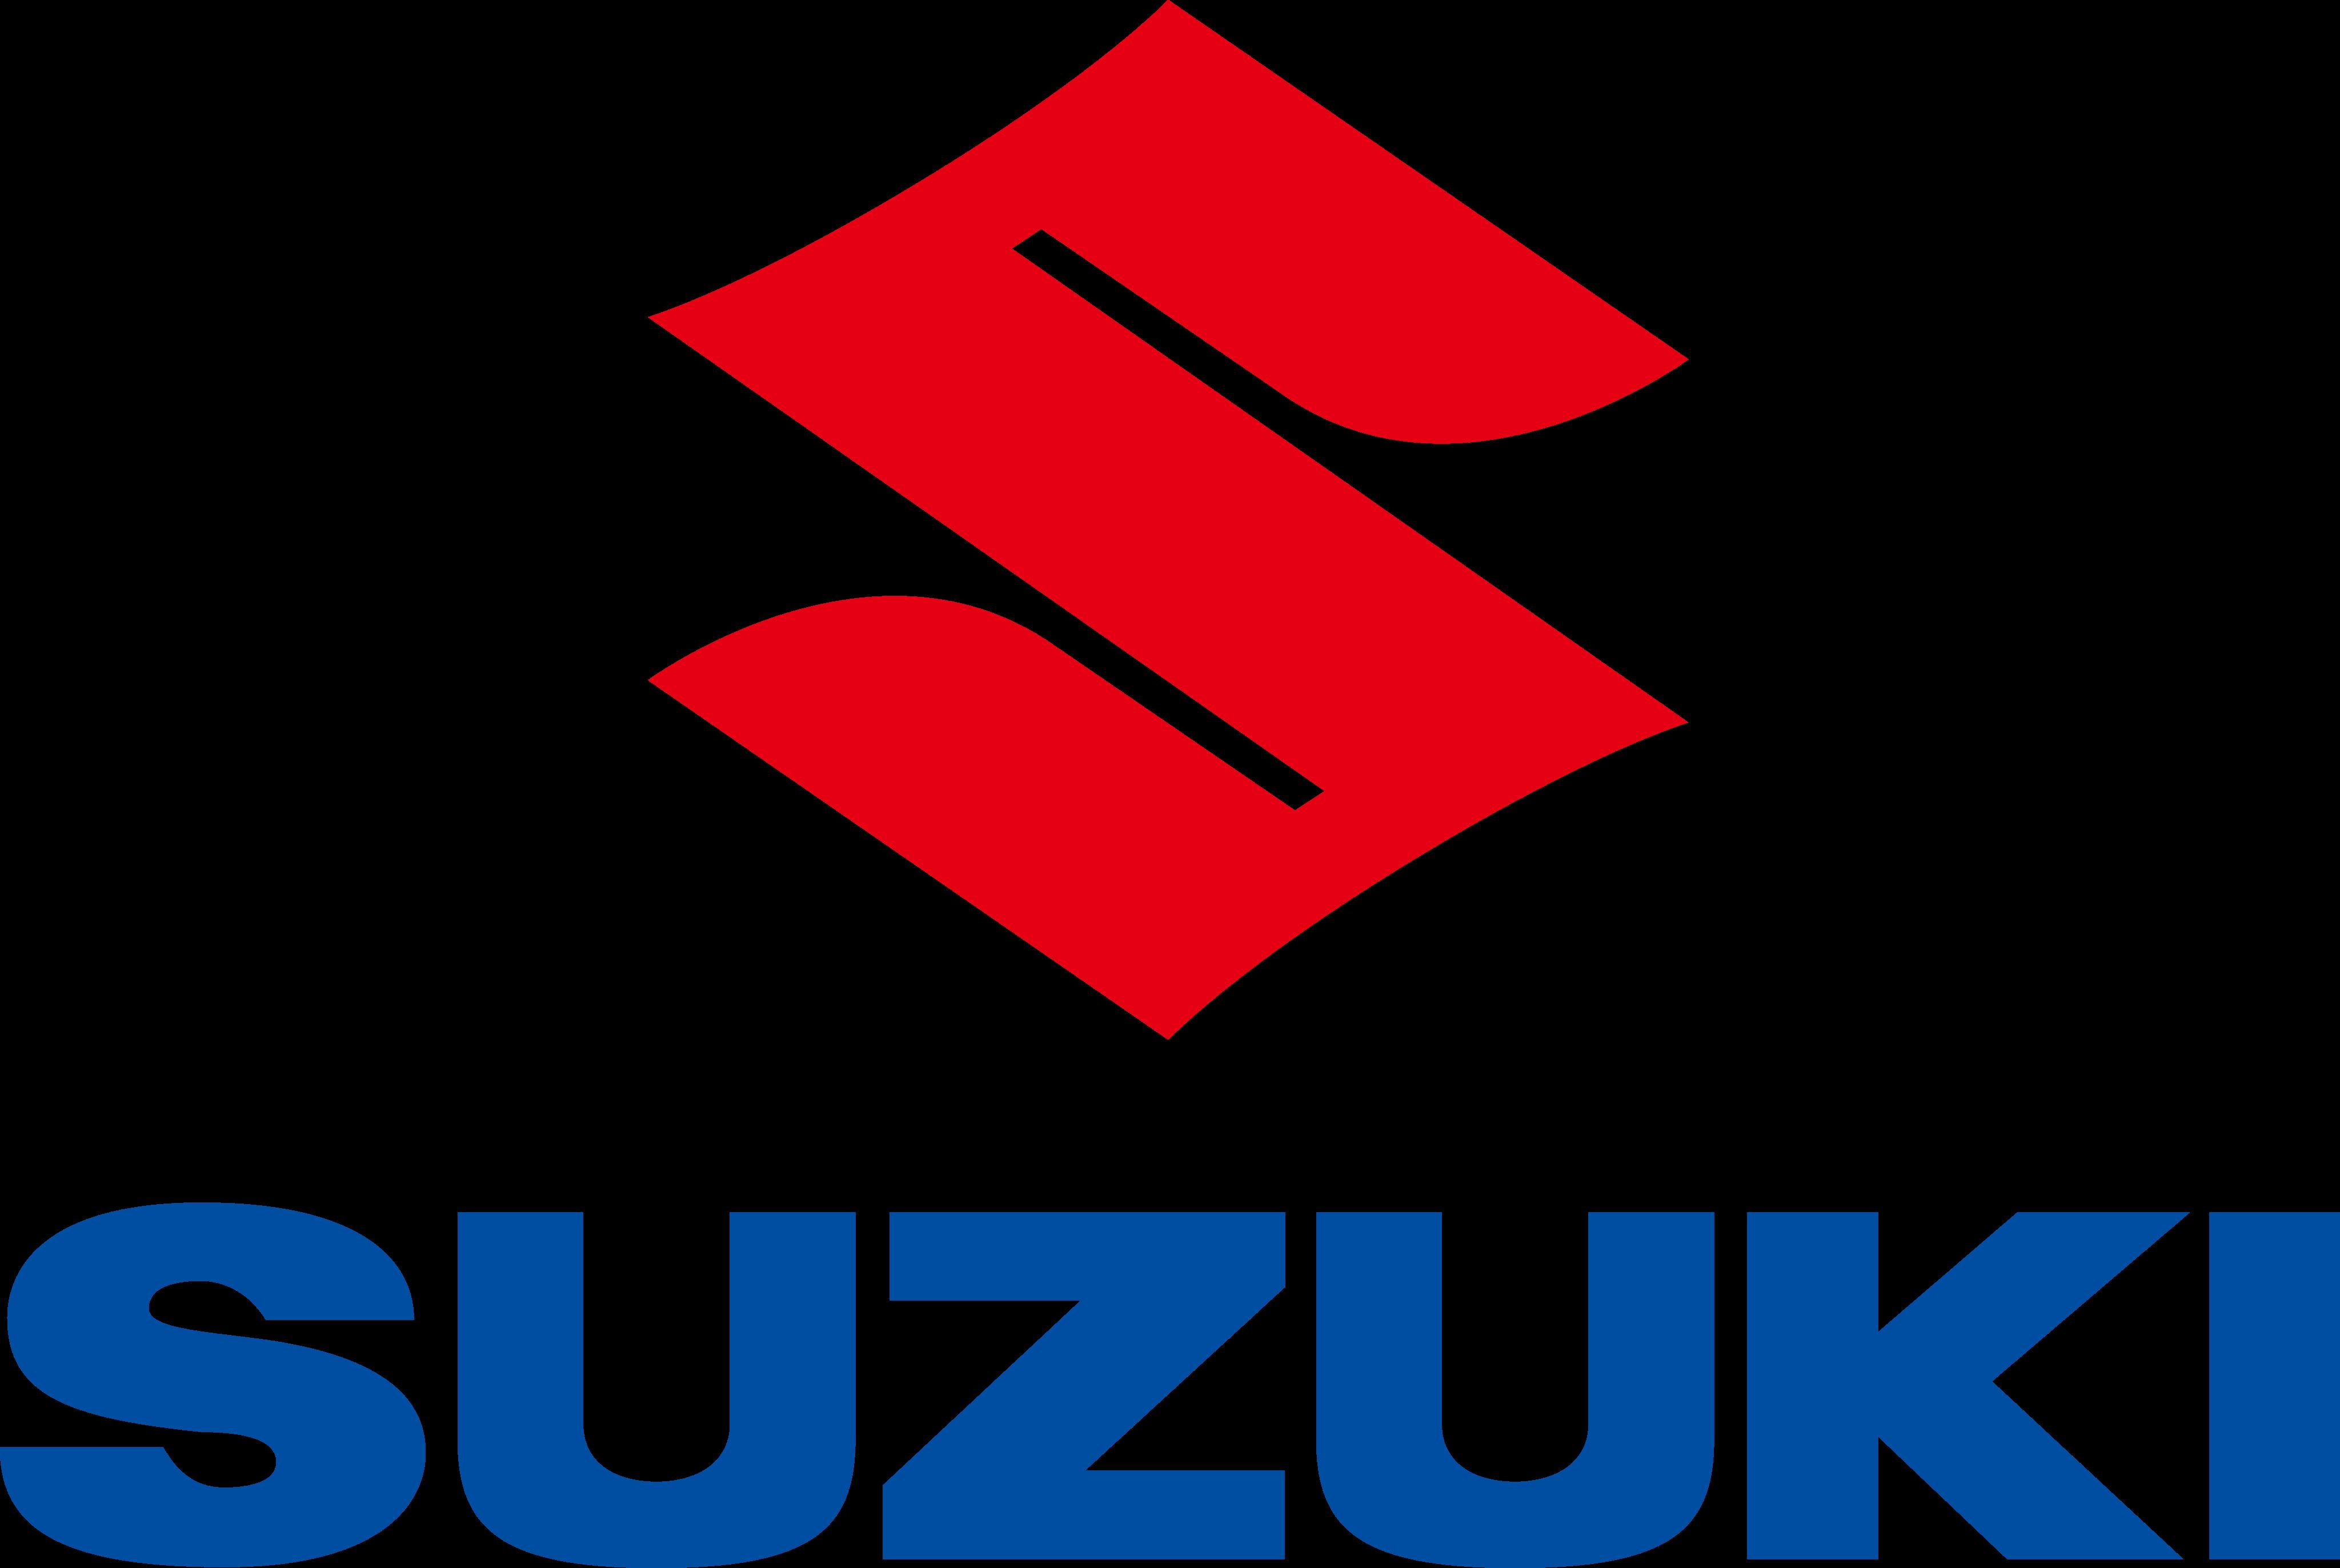 suzuki logo 1 1 - Suzuki Logo